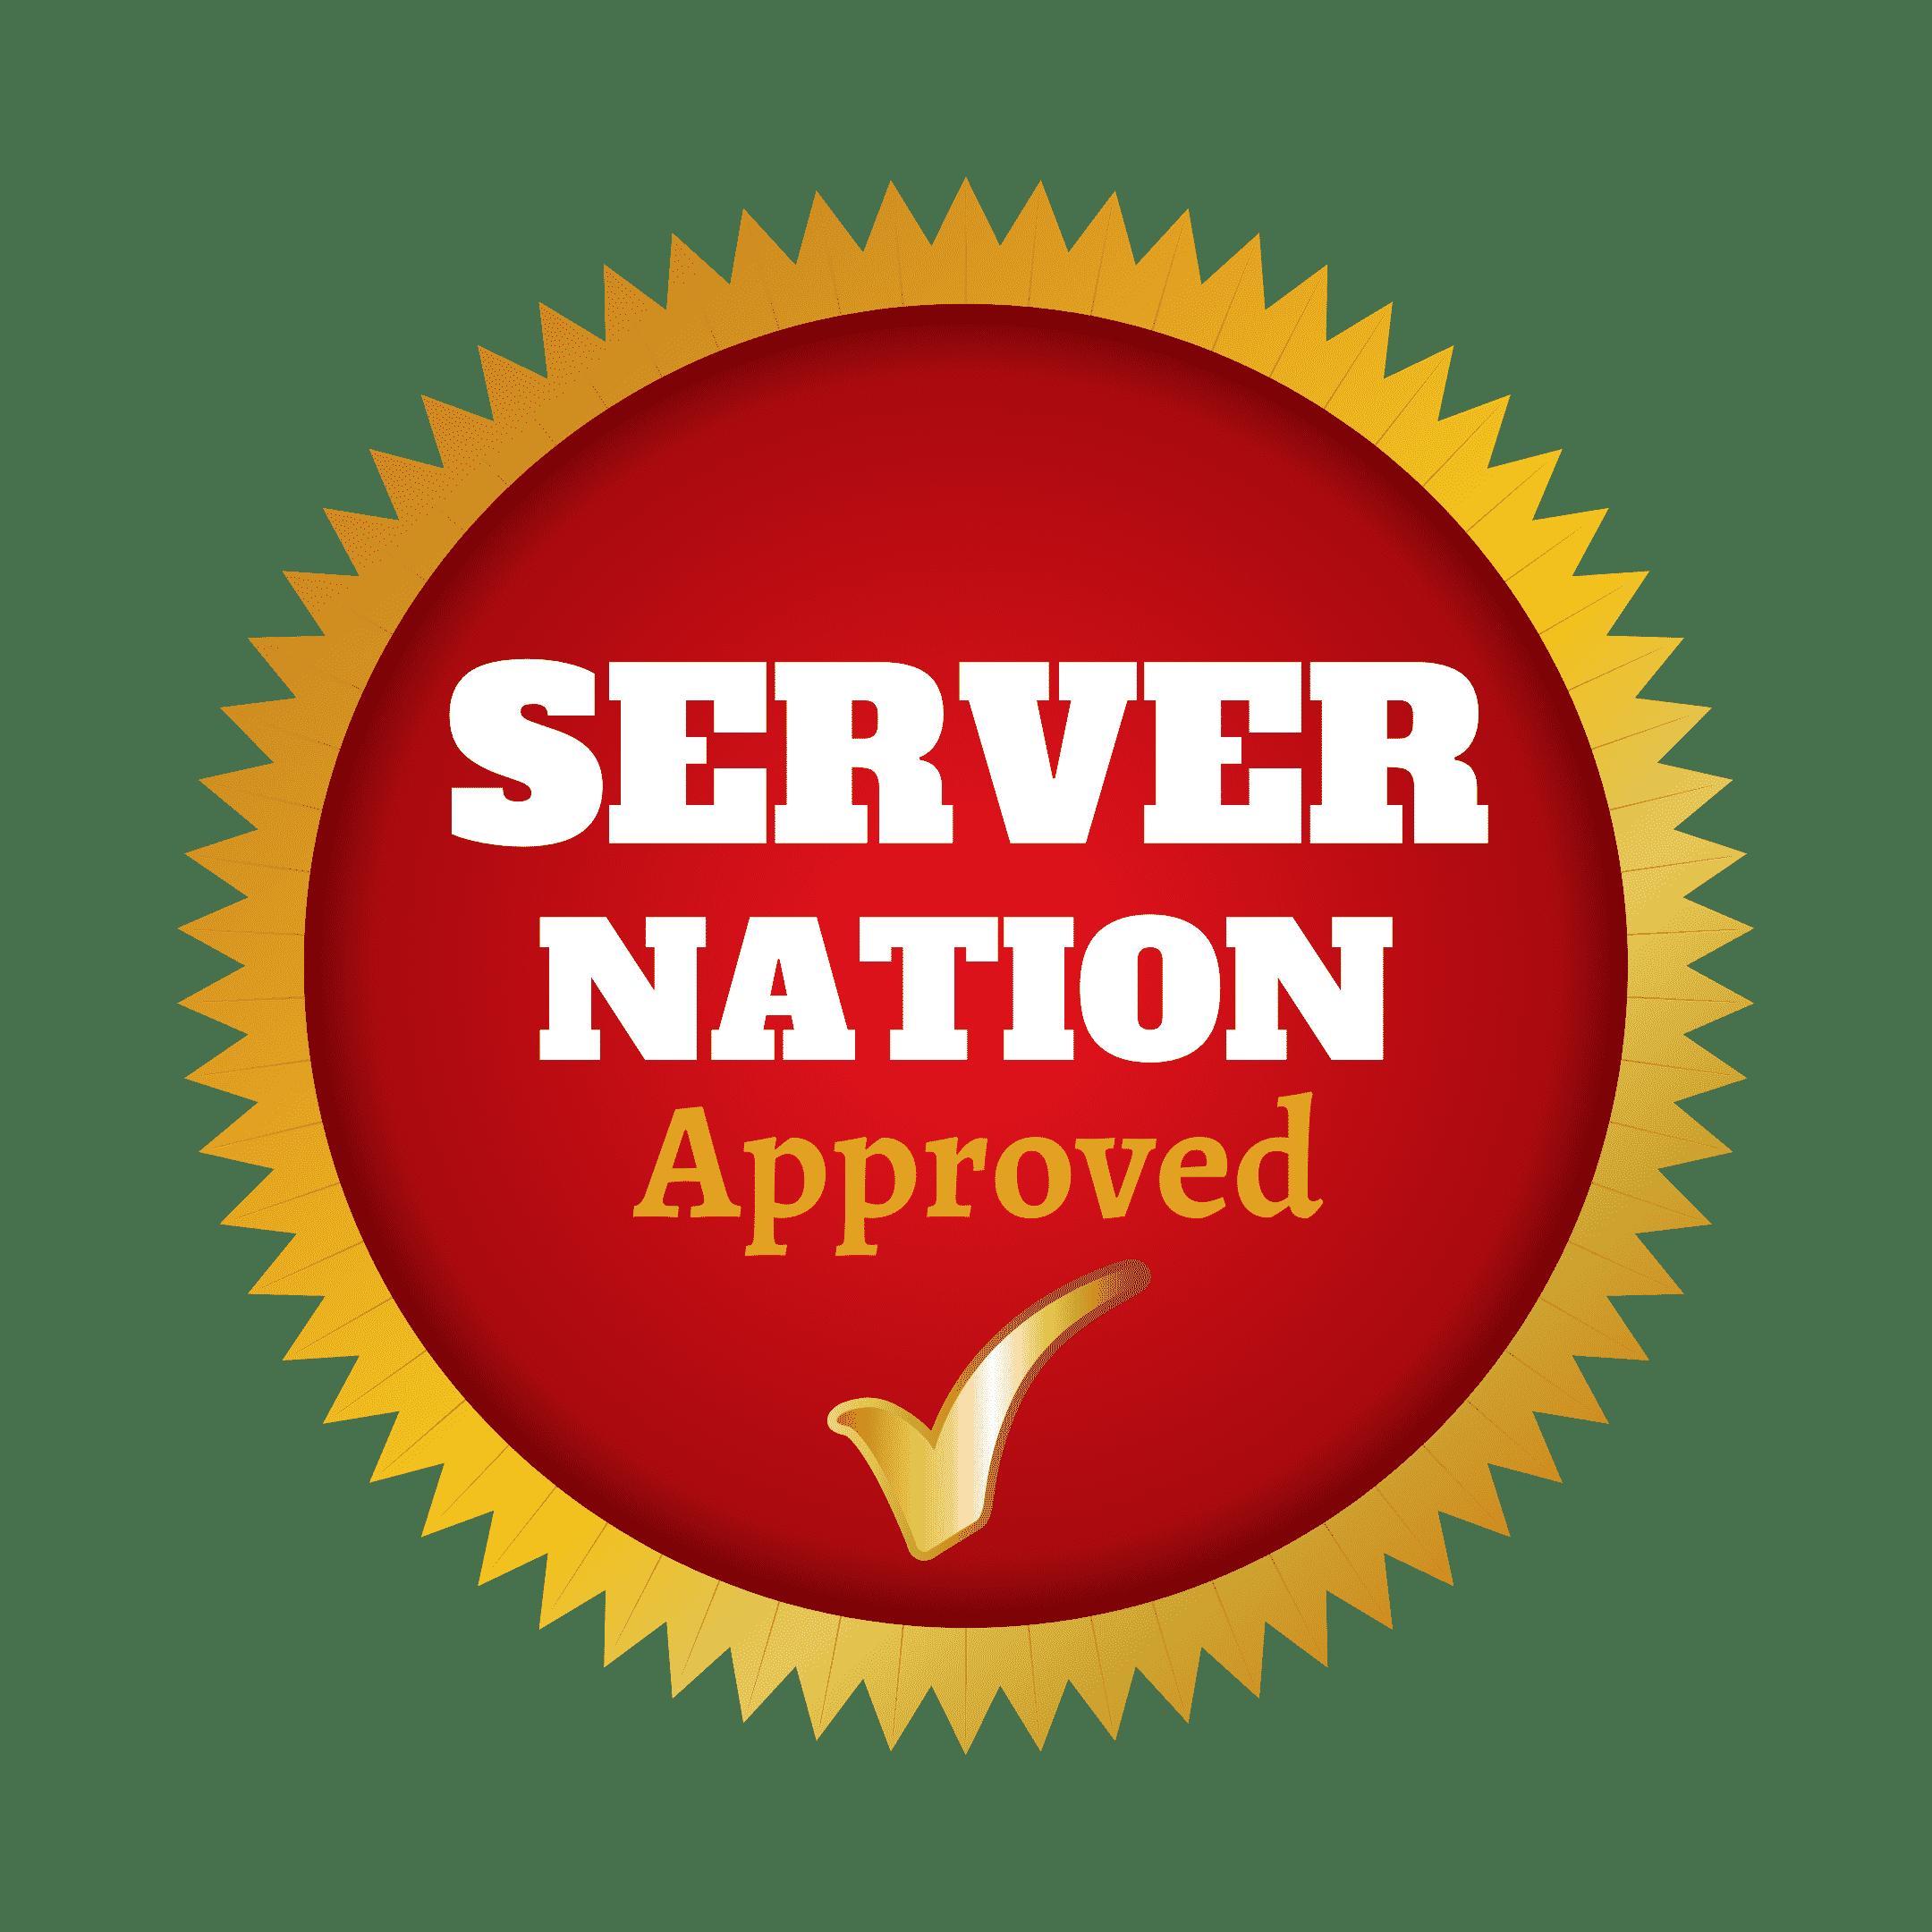 Server-Nation